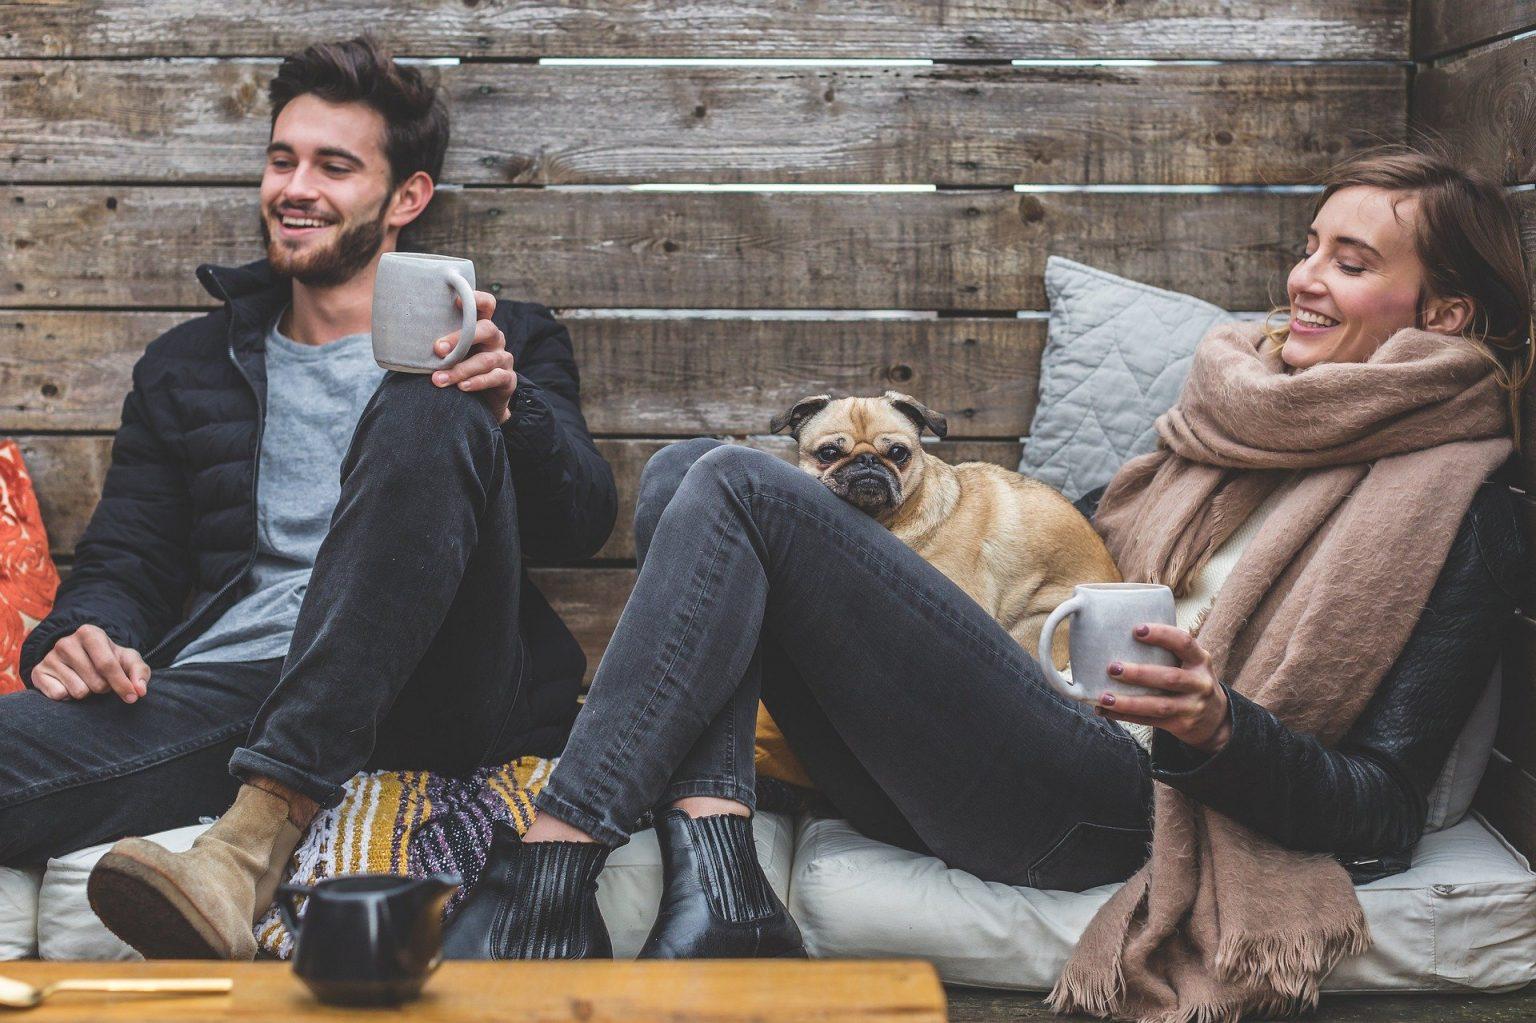 Crisis matrimonial: ¿custodia compartida y régimen de visitas para los animales domésticos?